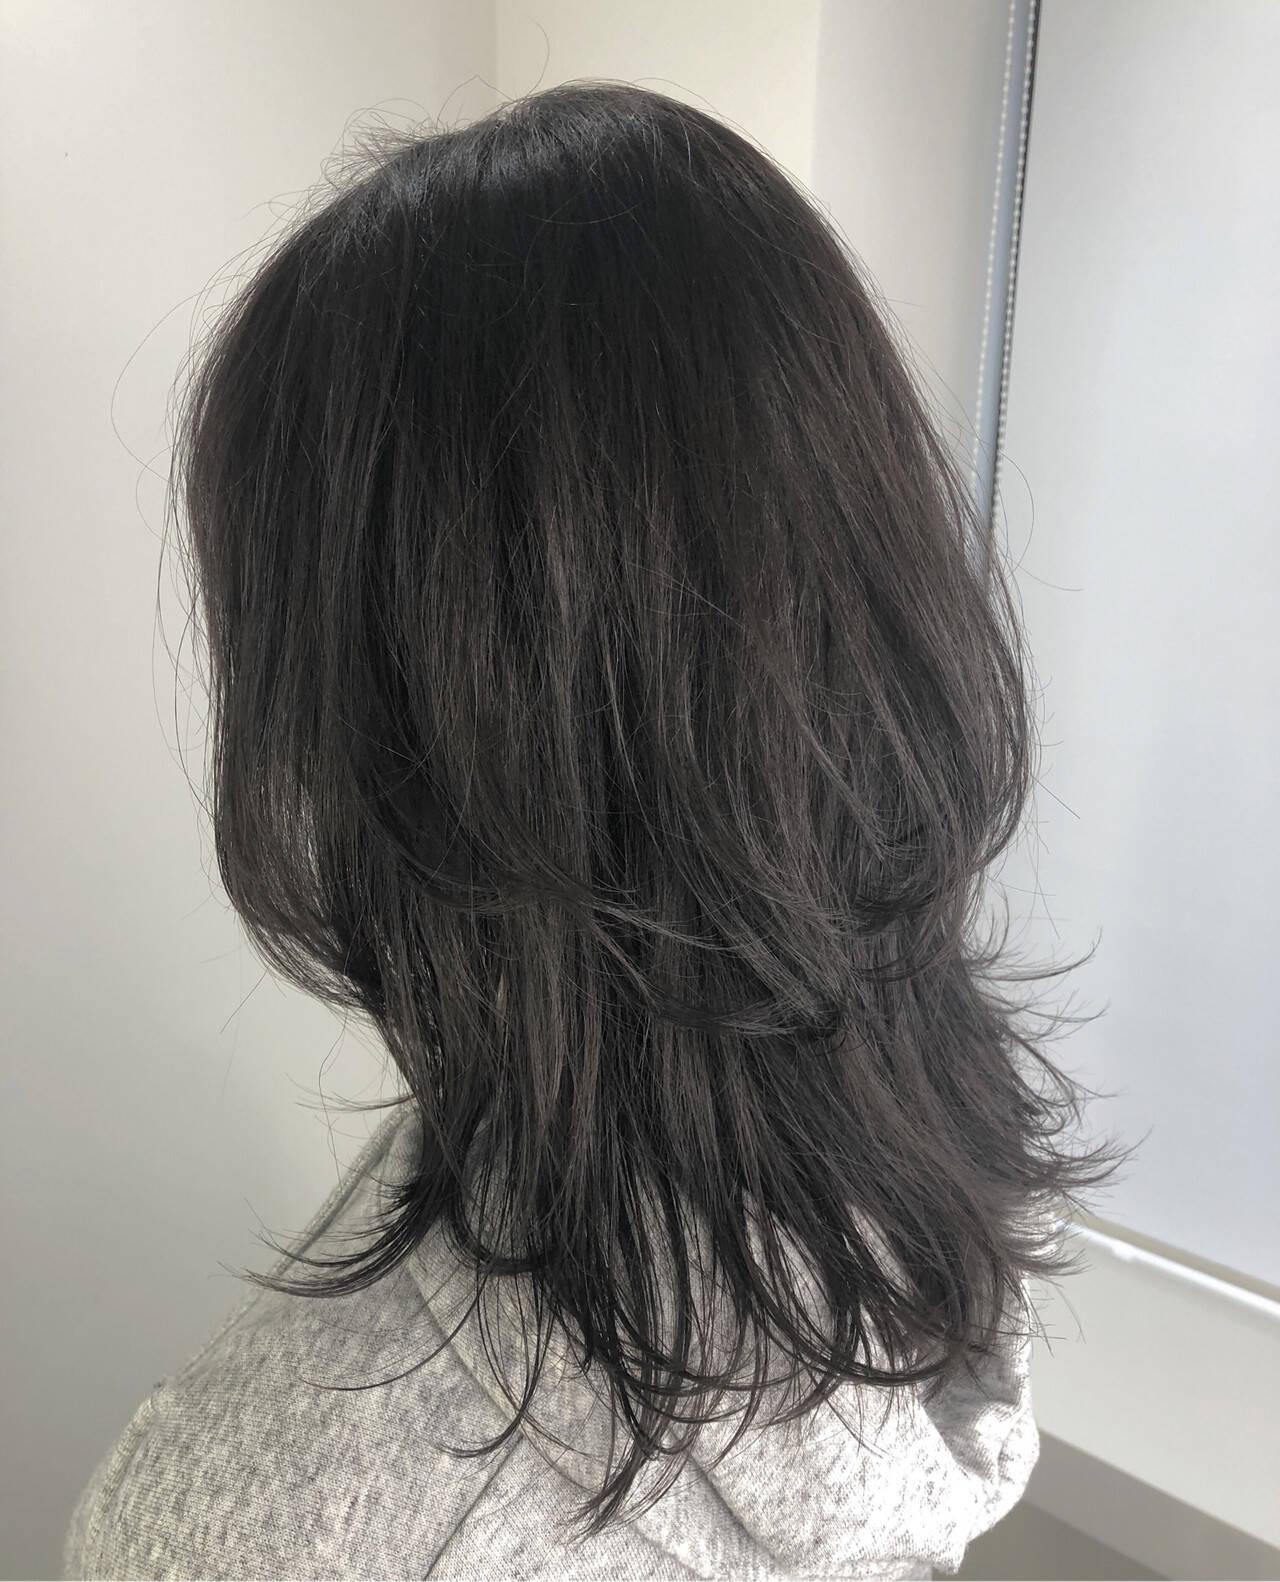 アッシュグレージュ ウルフカット セミロング グレージュヘアスタイルや髪型の写真・画像